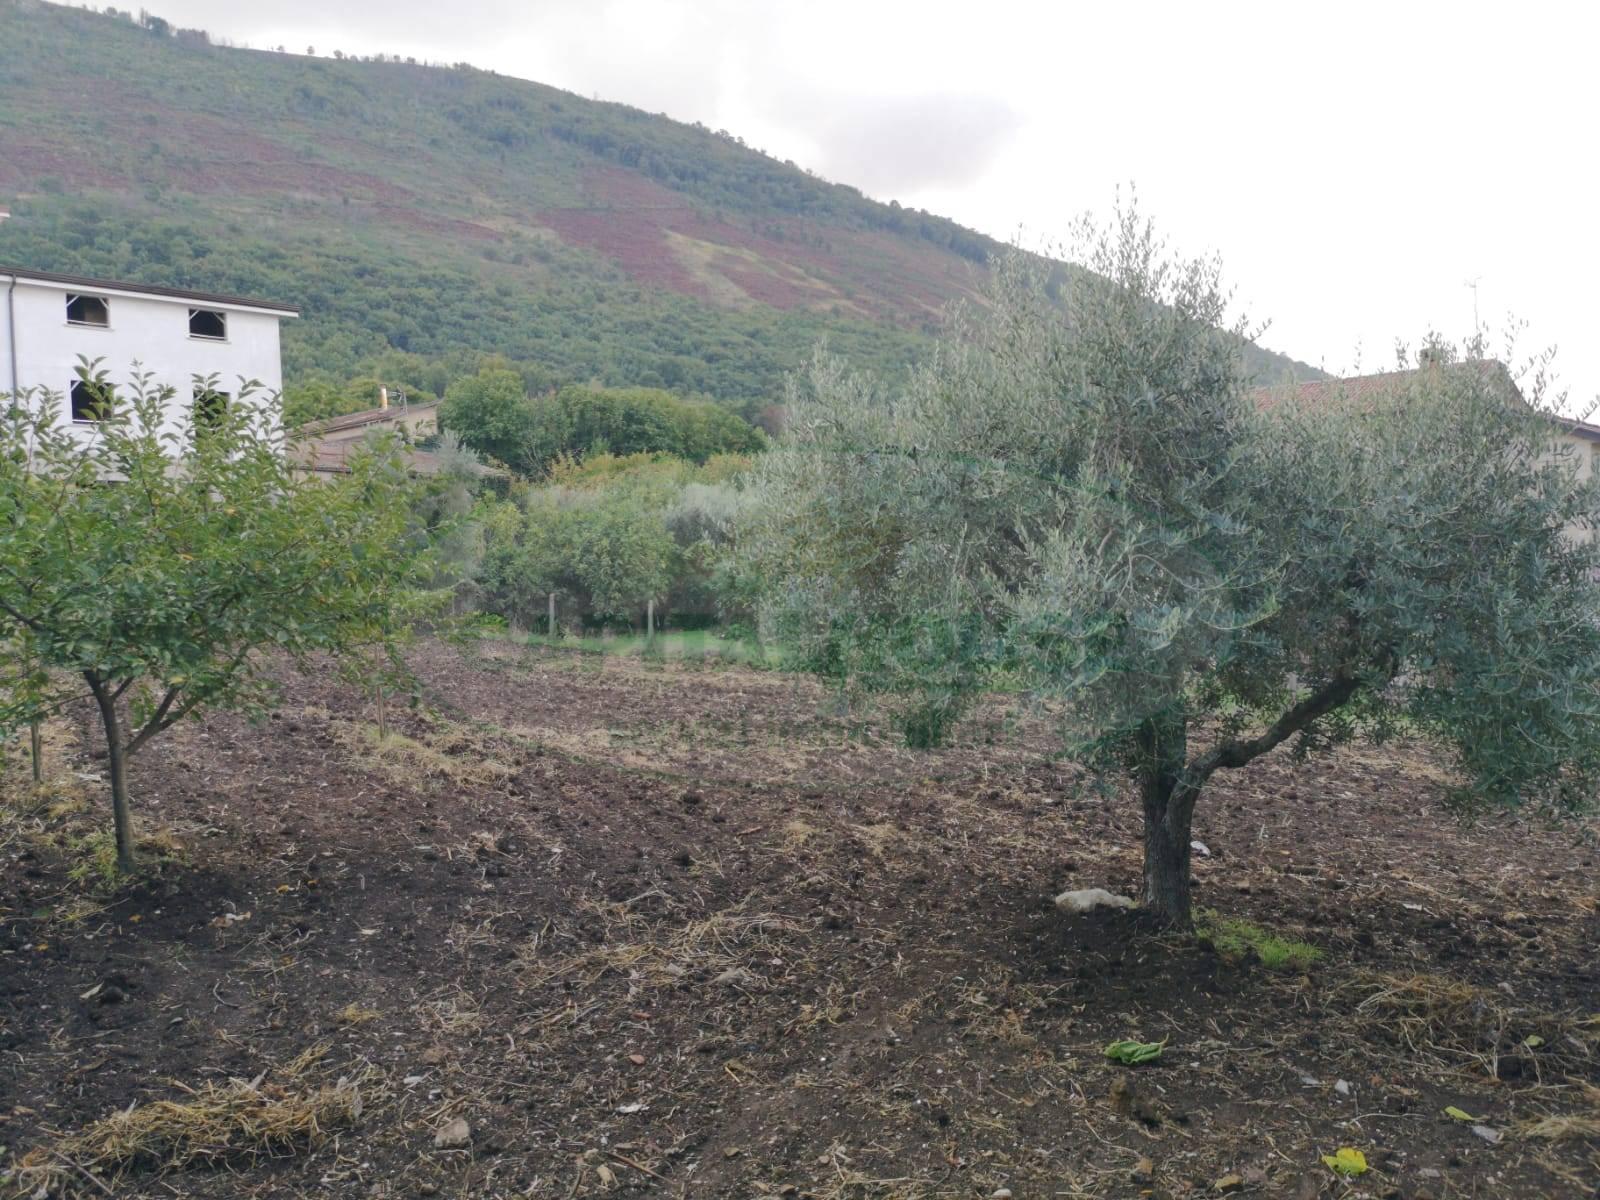 Terreno Edificabile Residenziale in vendita a Sant'Agata De' Goti, 9999 locali, zona Zona: Bagnoli, prezzo € 48.000 | CambioCasa.it